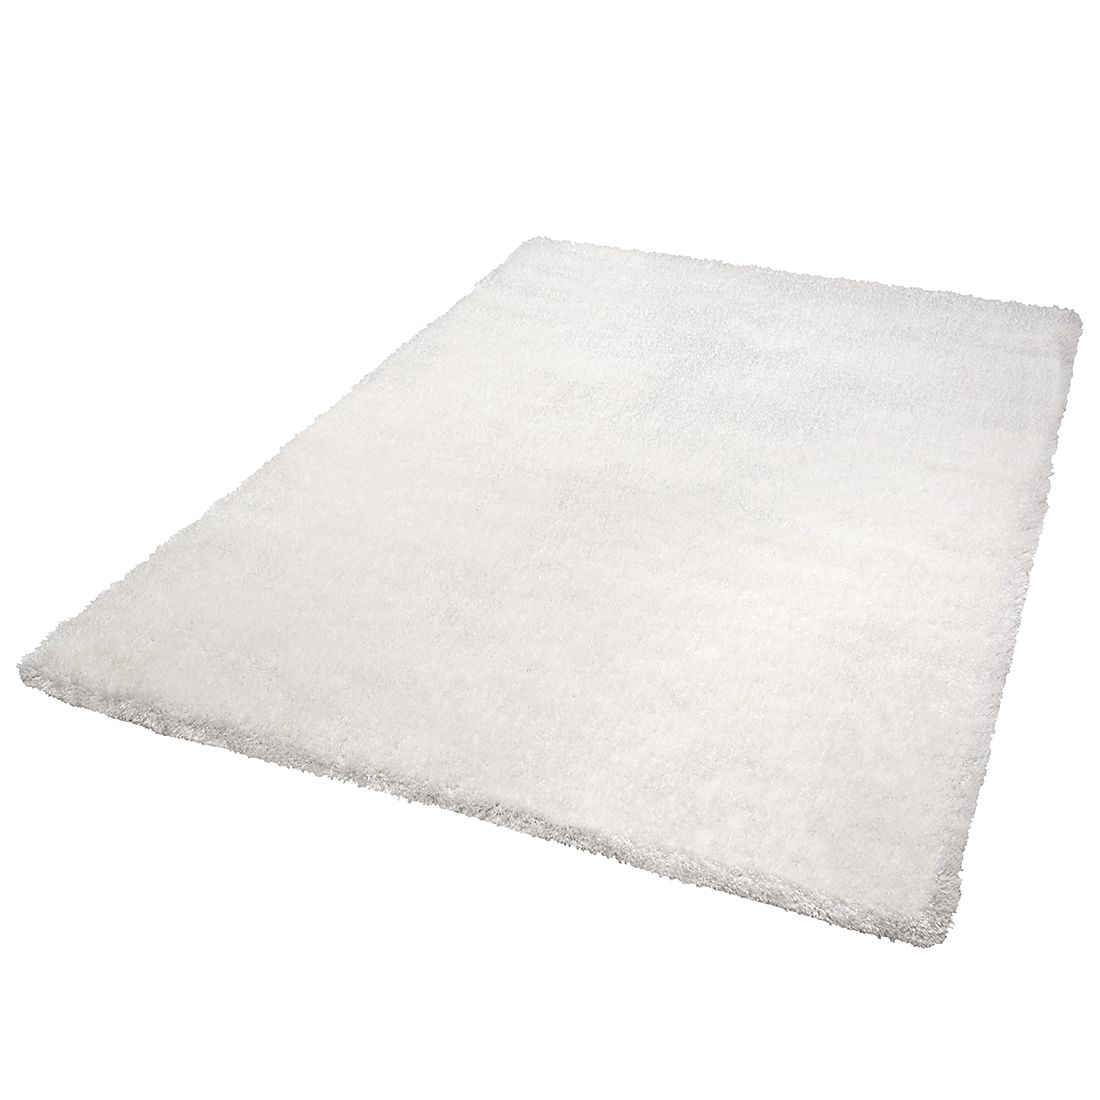 Teppich Dream – Weiß – 80 x 150 cm, DEKOWE günstig